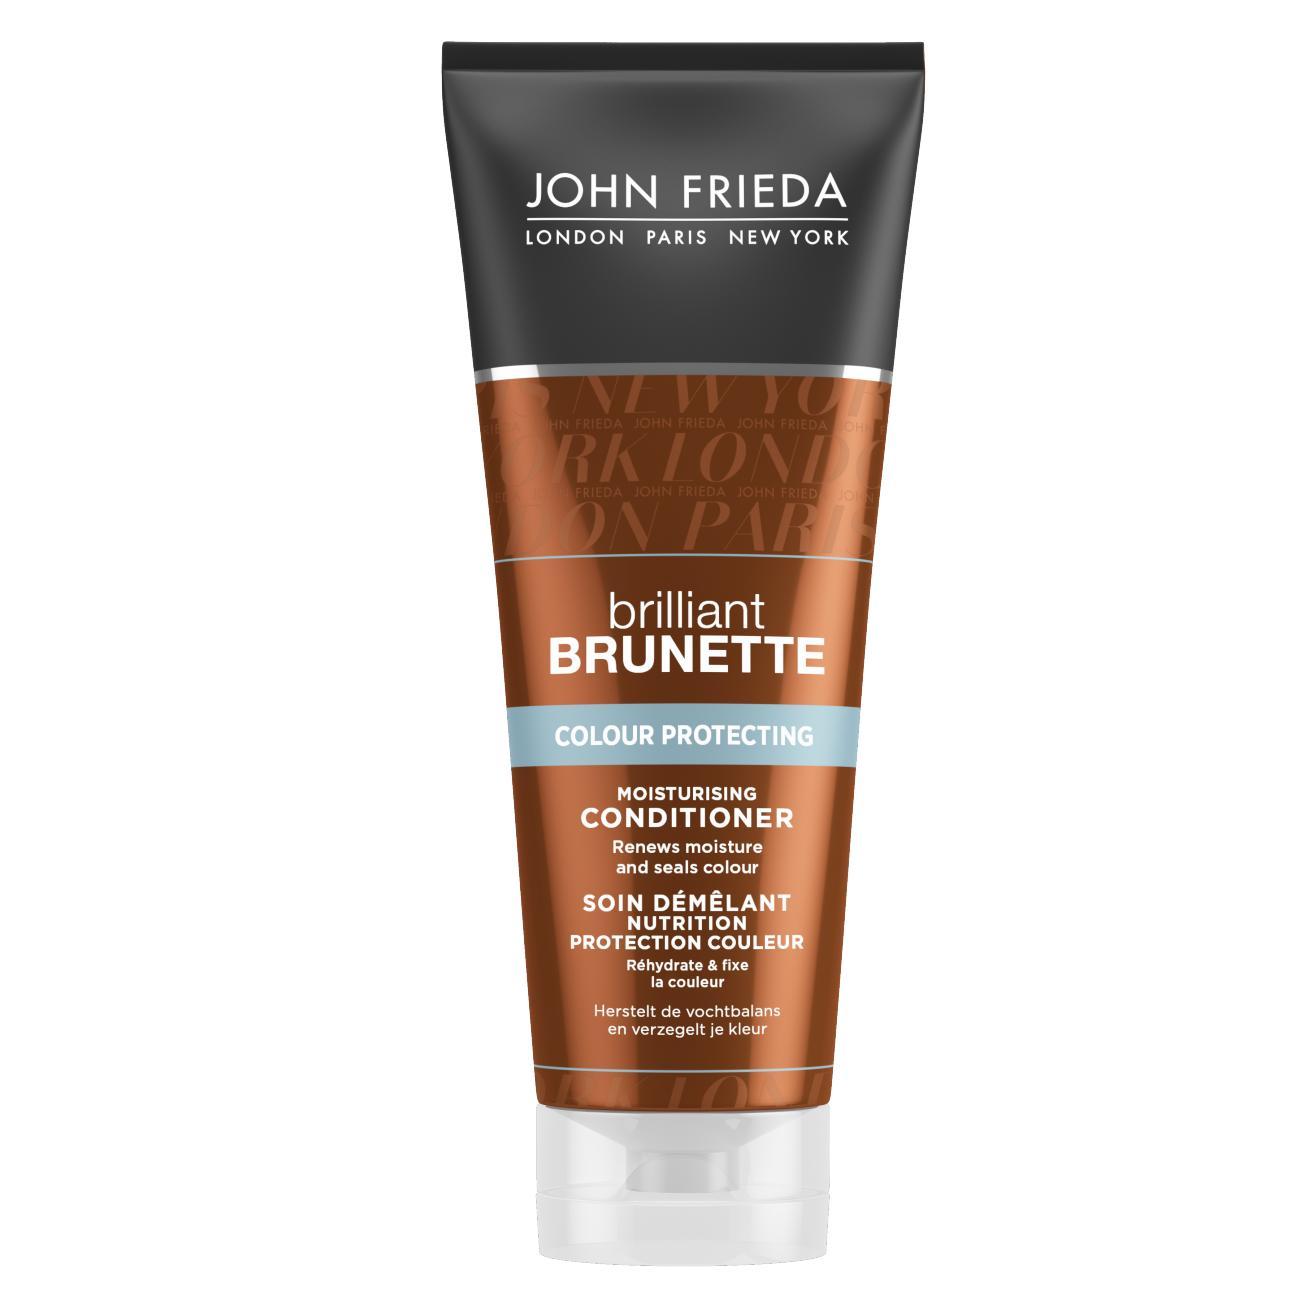 Кондиционер для волос John Frieda Brilliant Brunette для защиты цвета темных волос 250 мл<br>